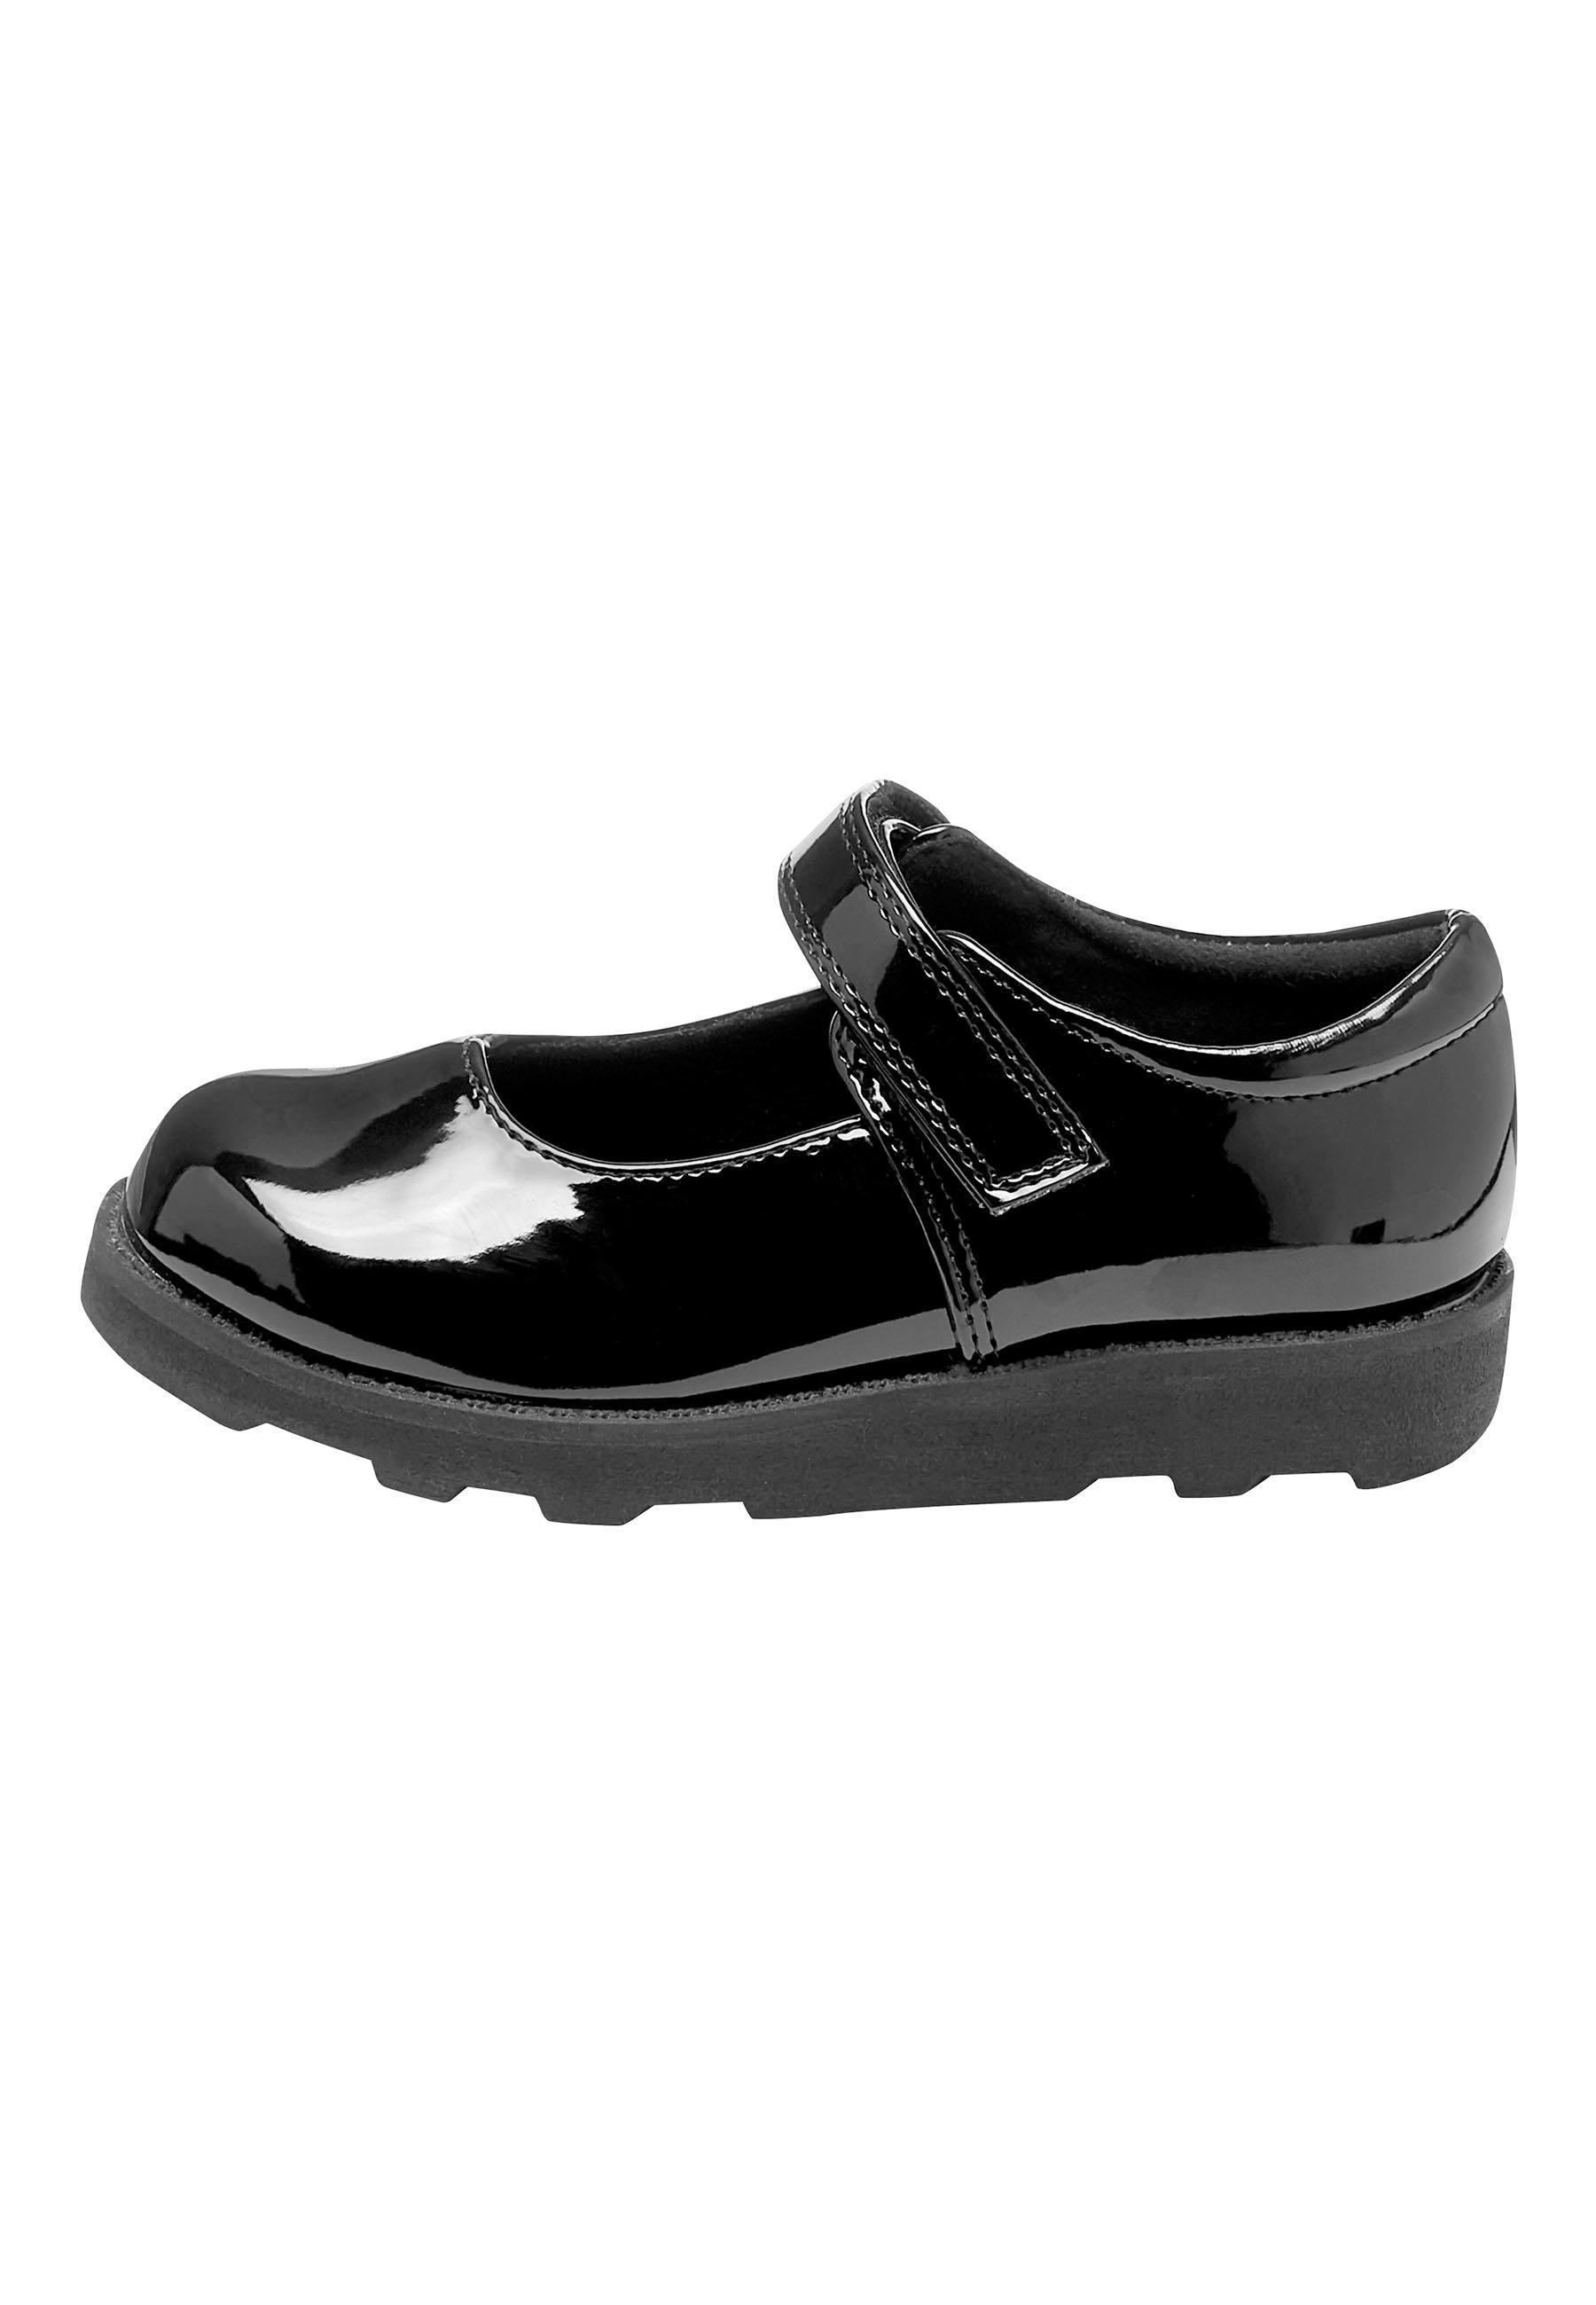 Enfant PATENT MARY JANE - Chaussures premiers pas